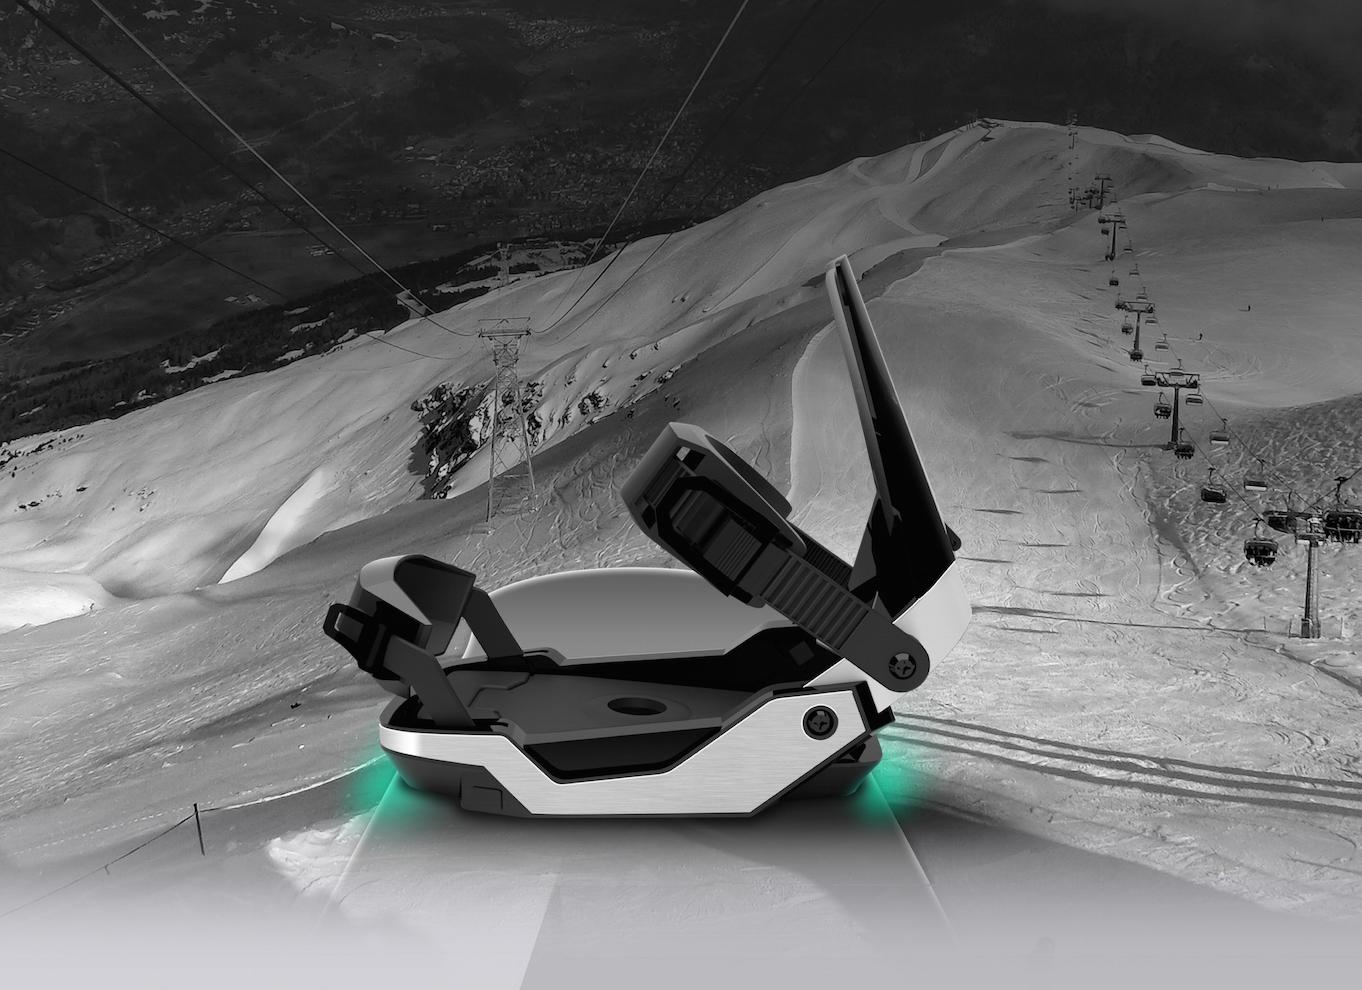 dating site voor snowboarders